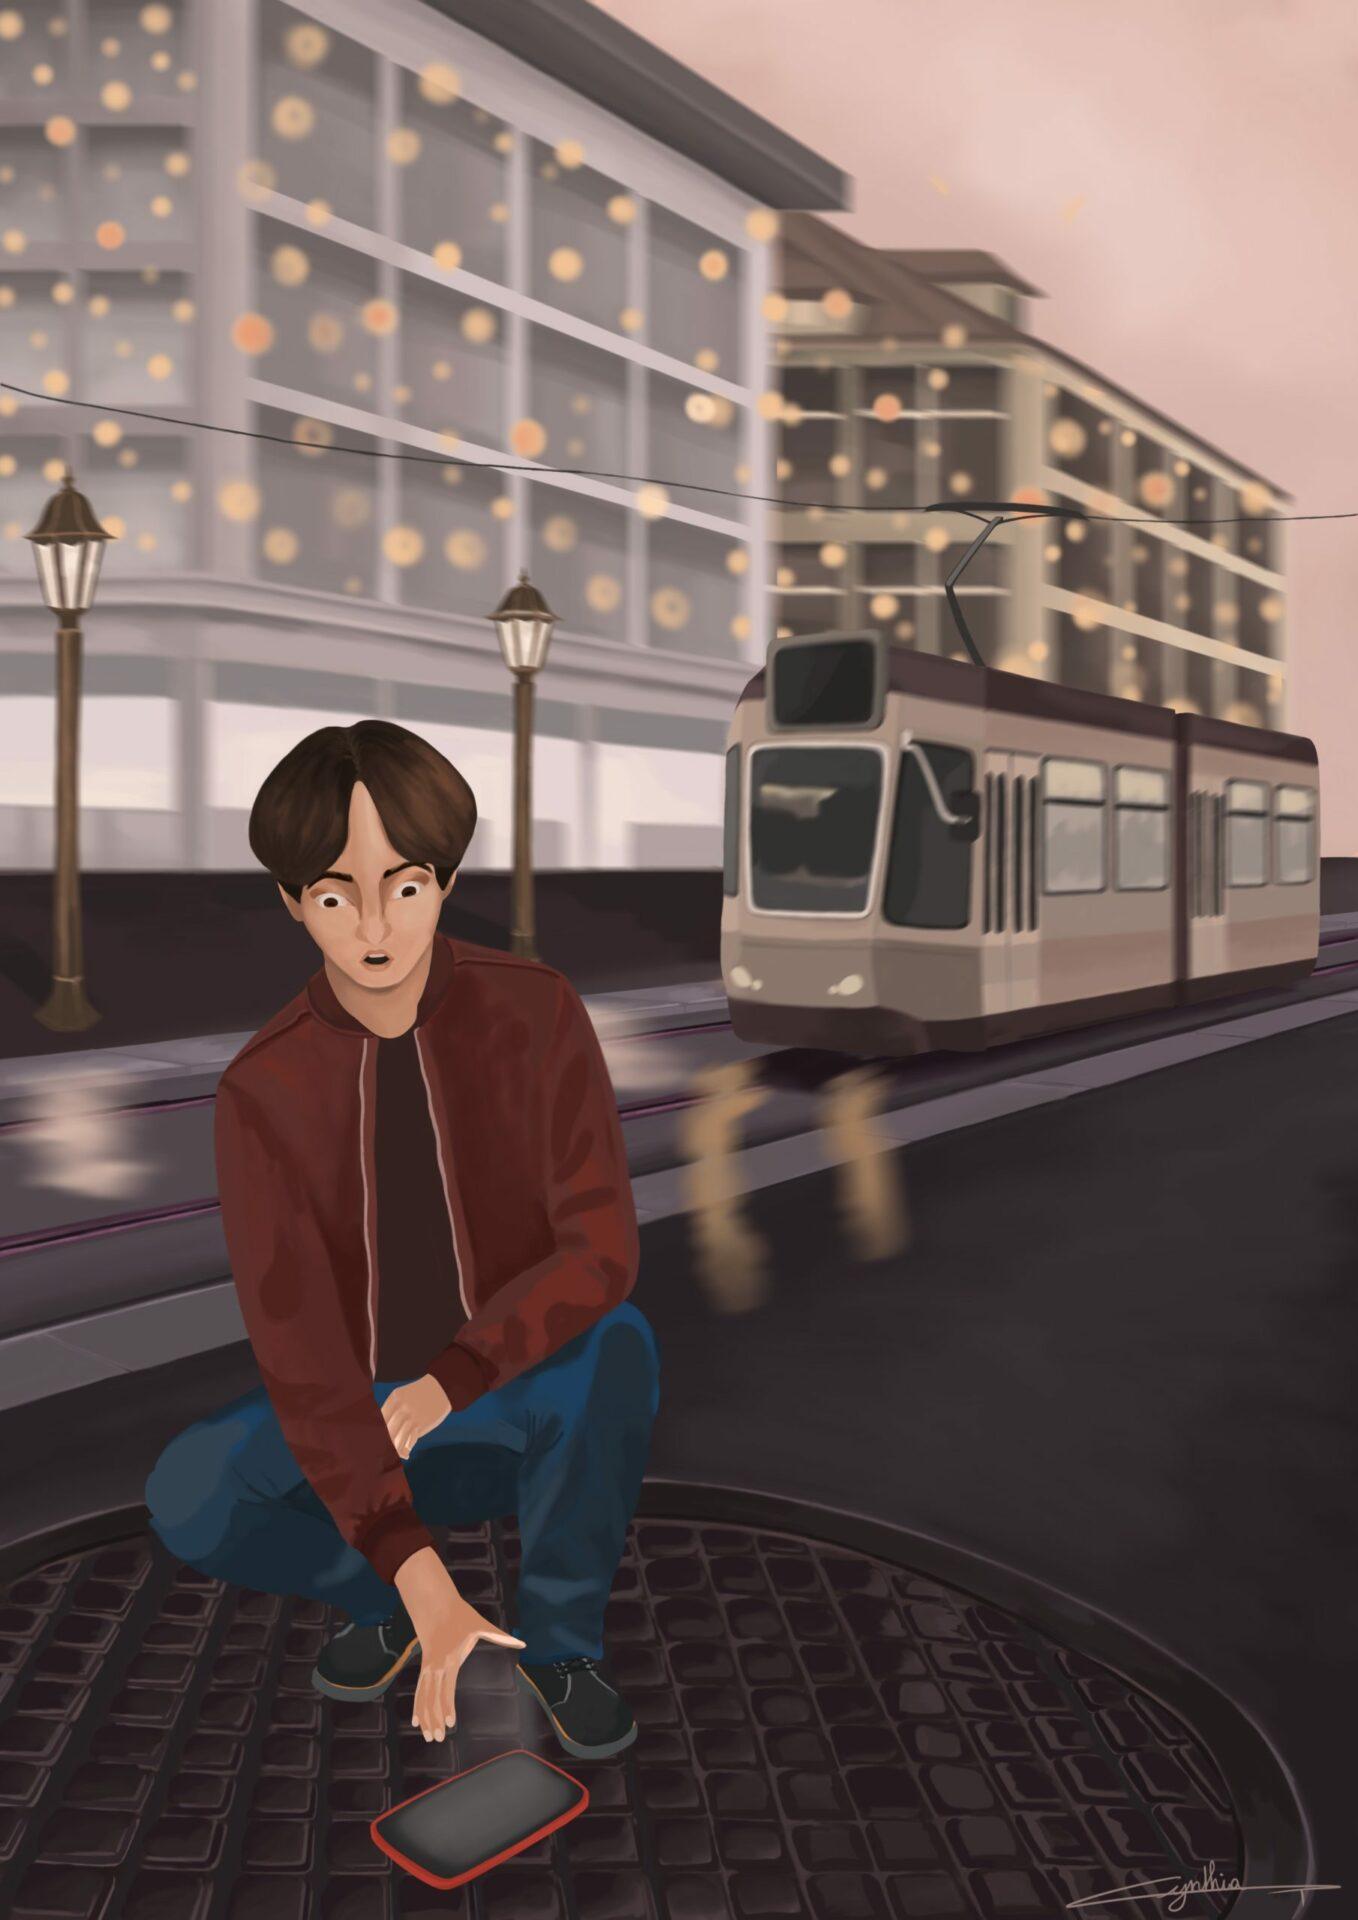 Téléphone perdu illustration jeux vidéo